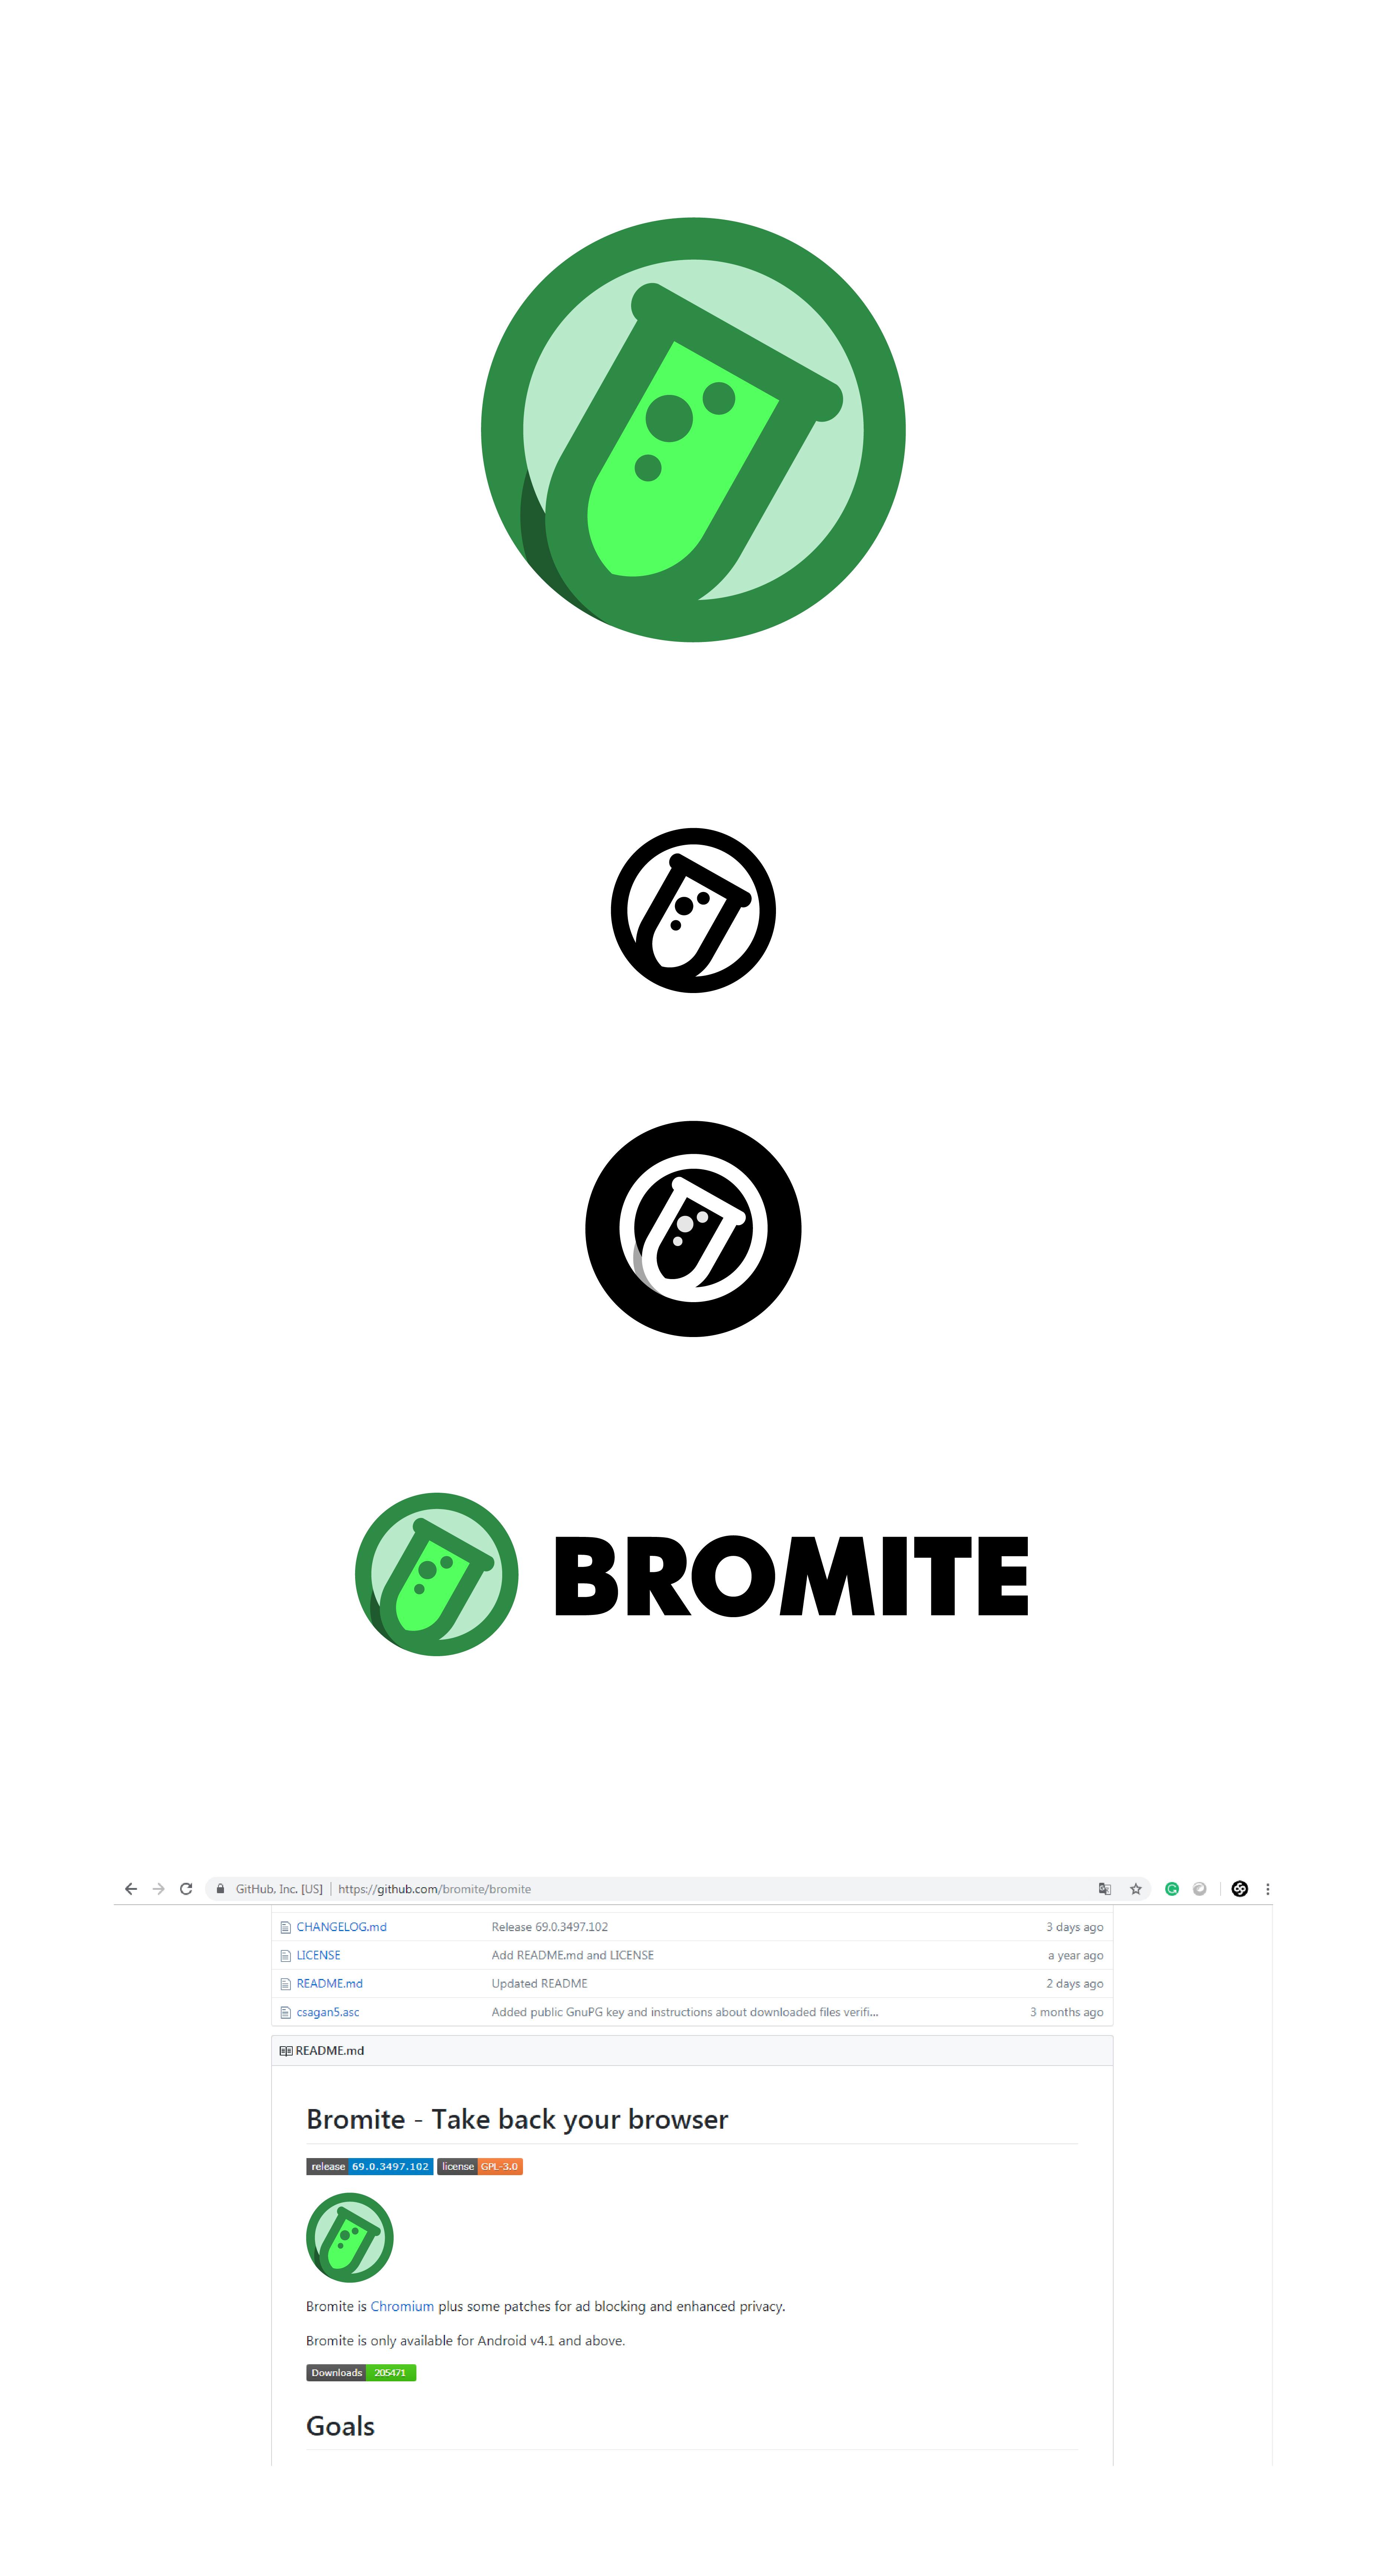 bromite2